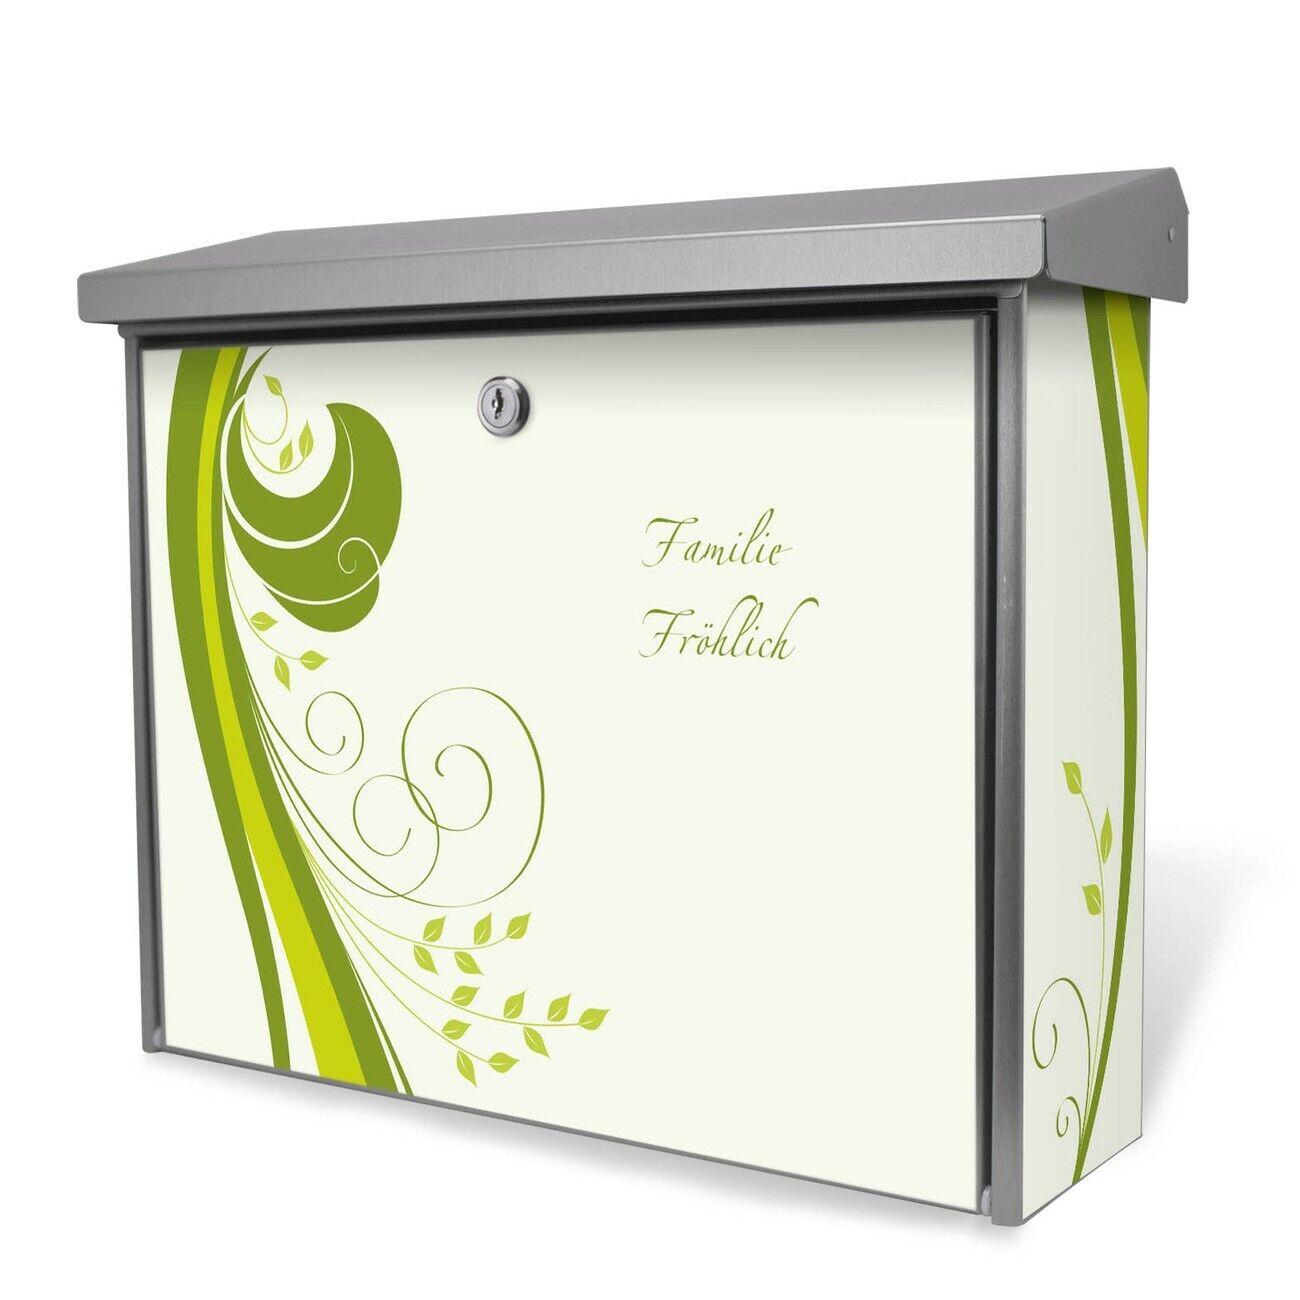 Briefkasten aus Edelstahl Burg-Wächter 2 Schlüsseln personalisiert Grün Swirl